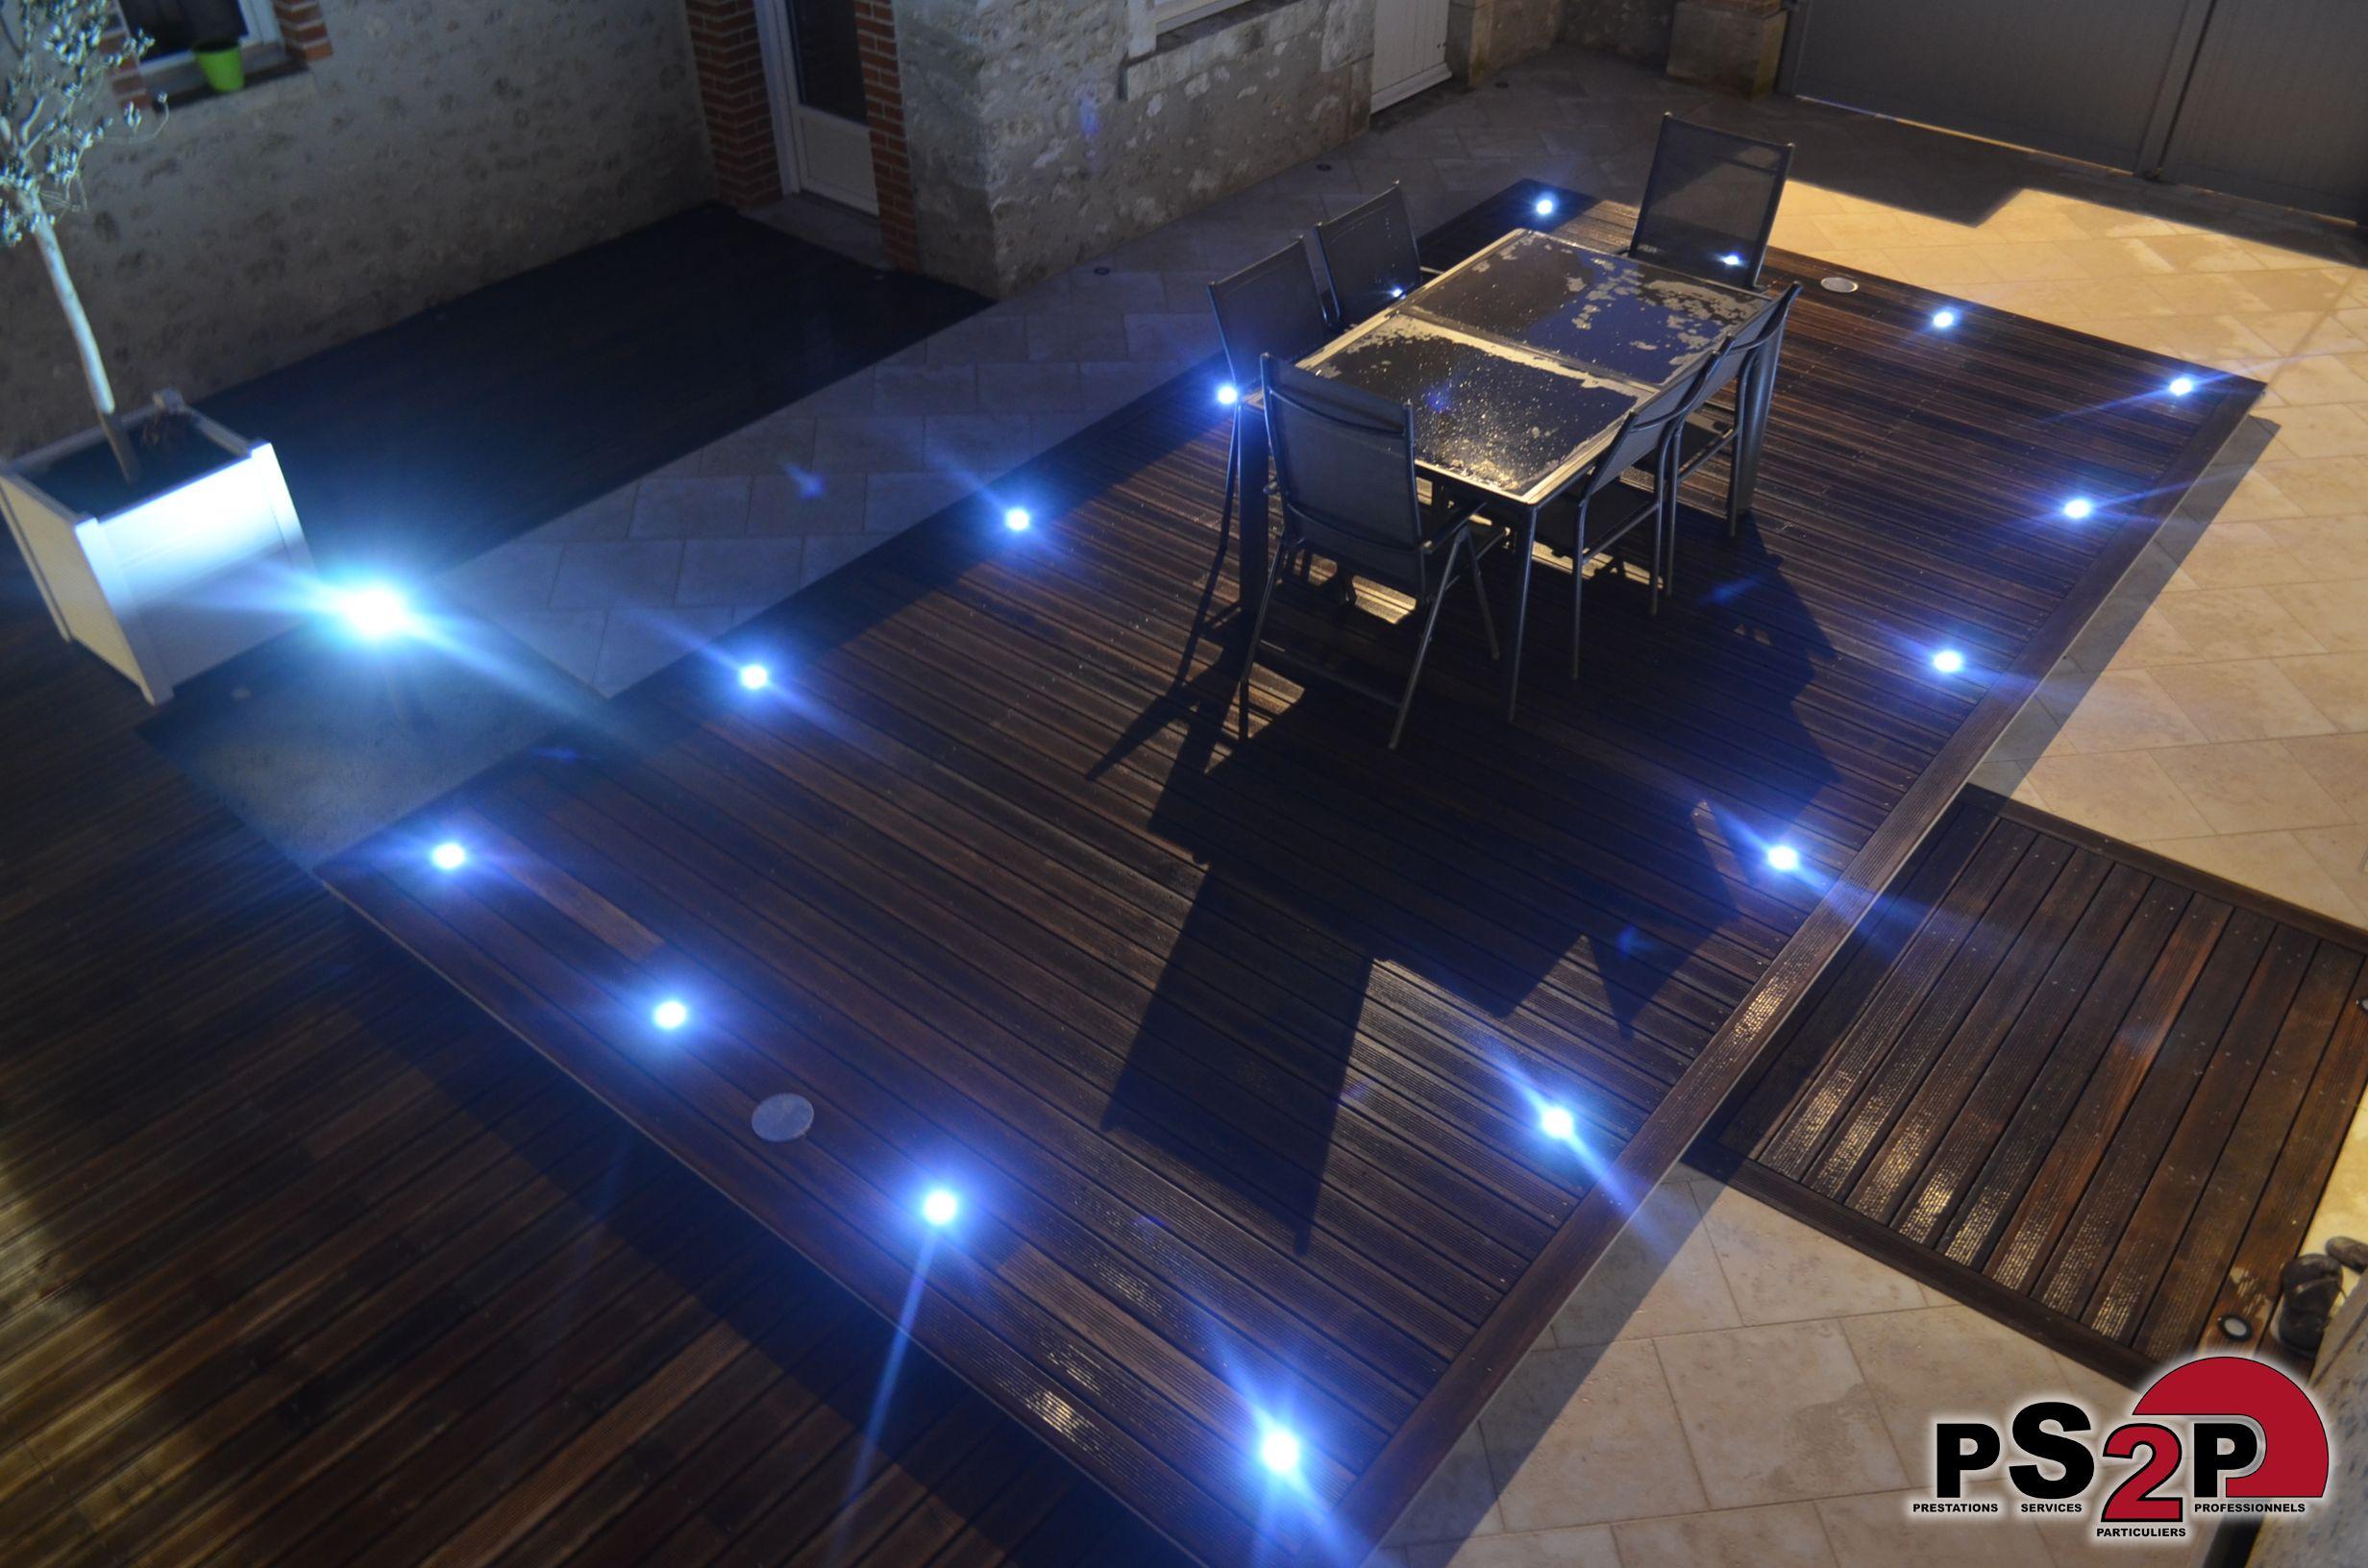 pingl par le club led sur mini spot led ext rieur pinterest spot led led et spot led. Black Bedroom Furniture Sets. Home Design Ideas